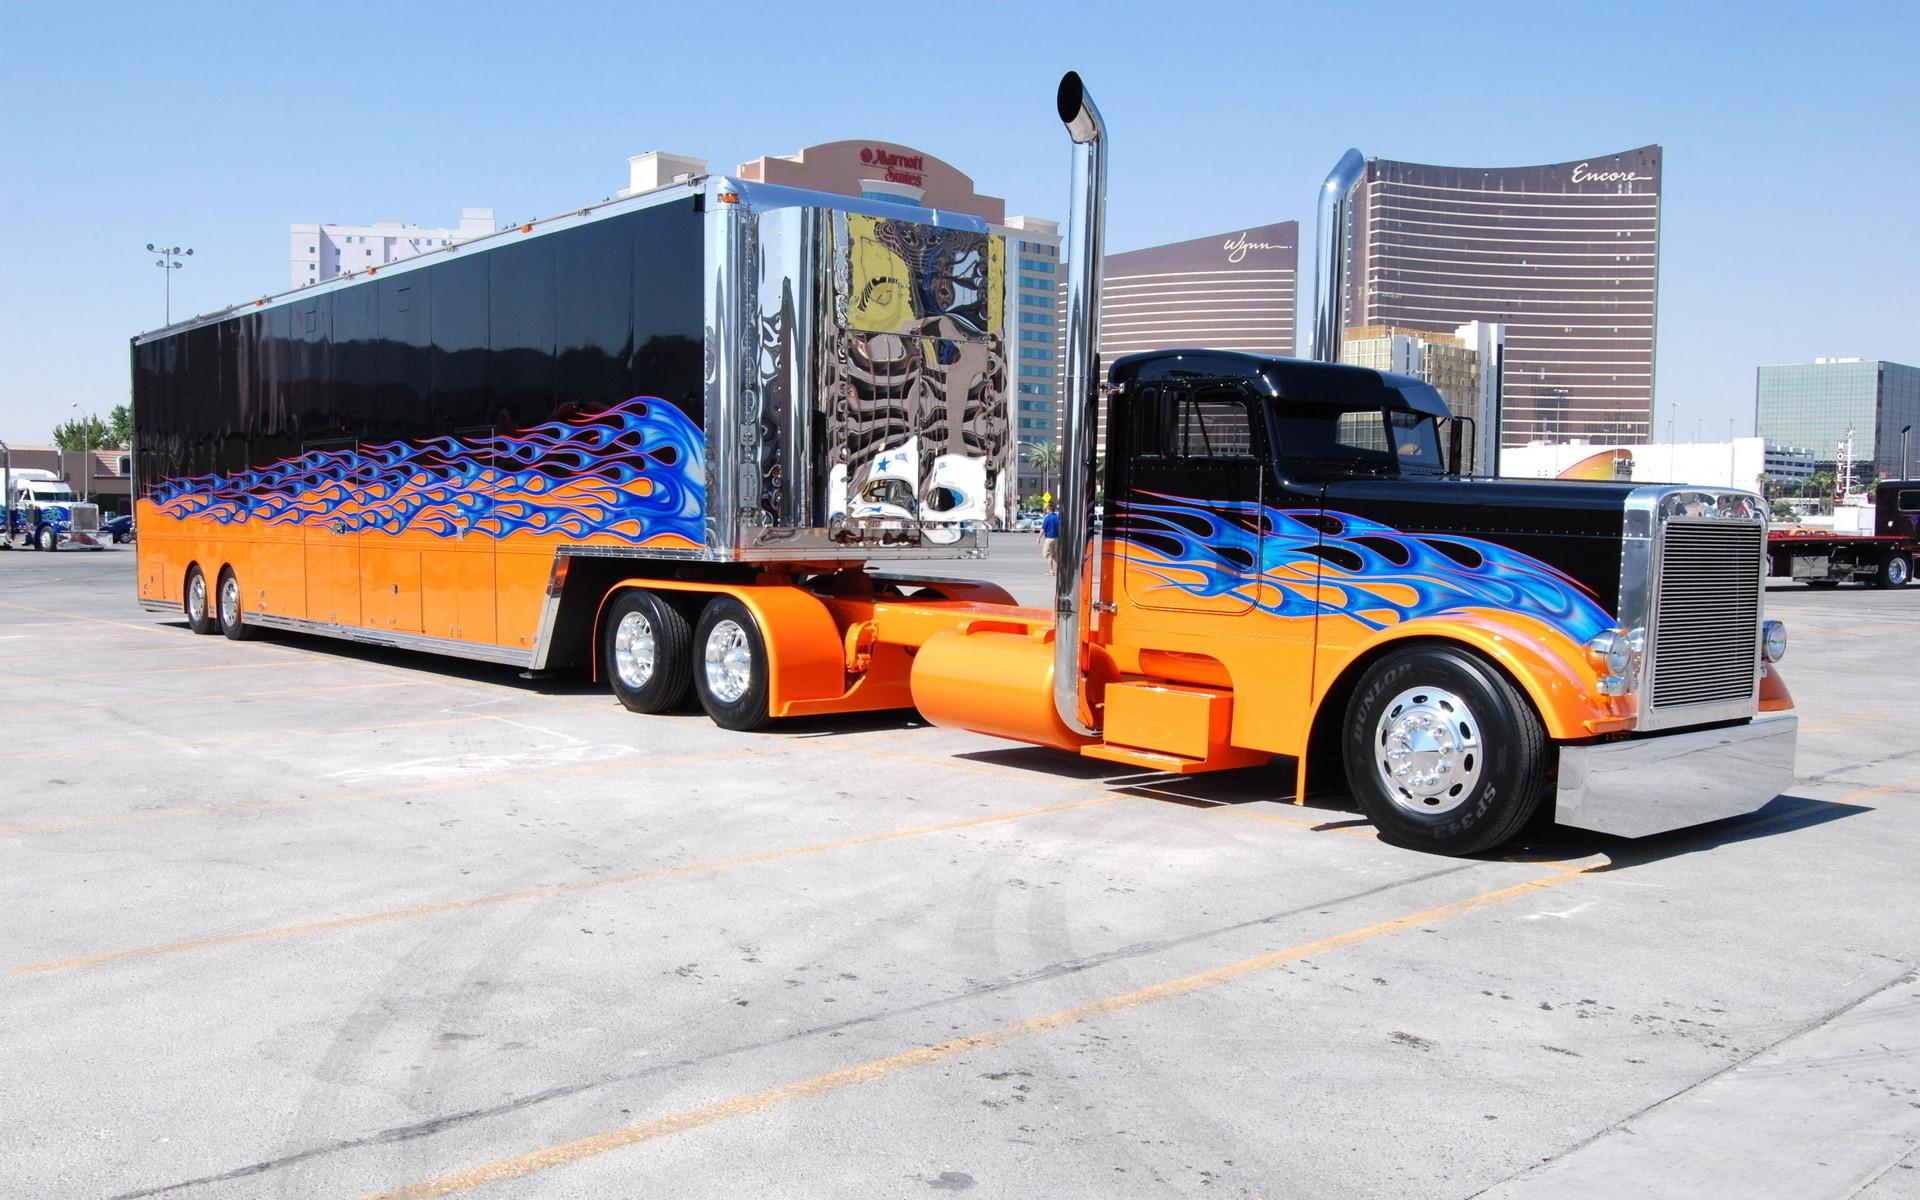 Peterbilt Trucks | Wallpapers Peterbilt Truck | #718443 #peterbilt